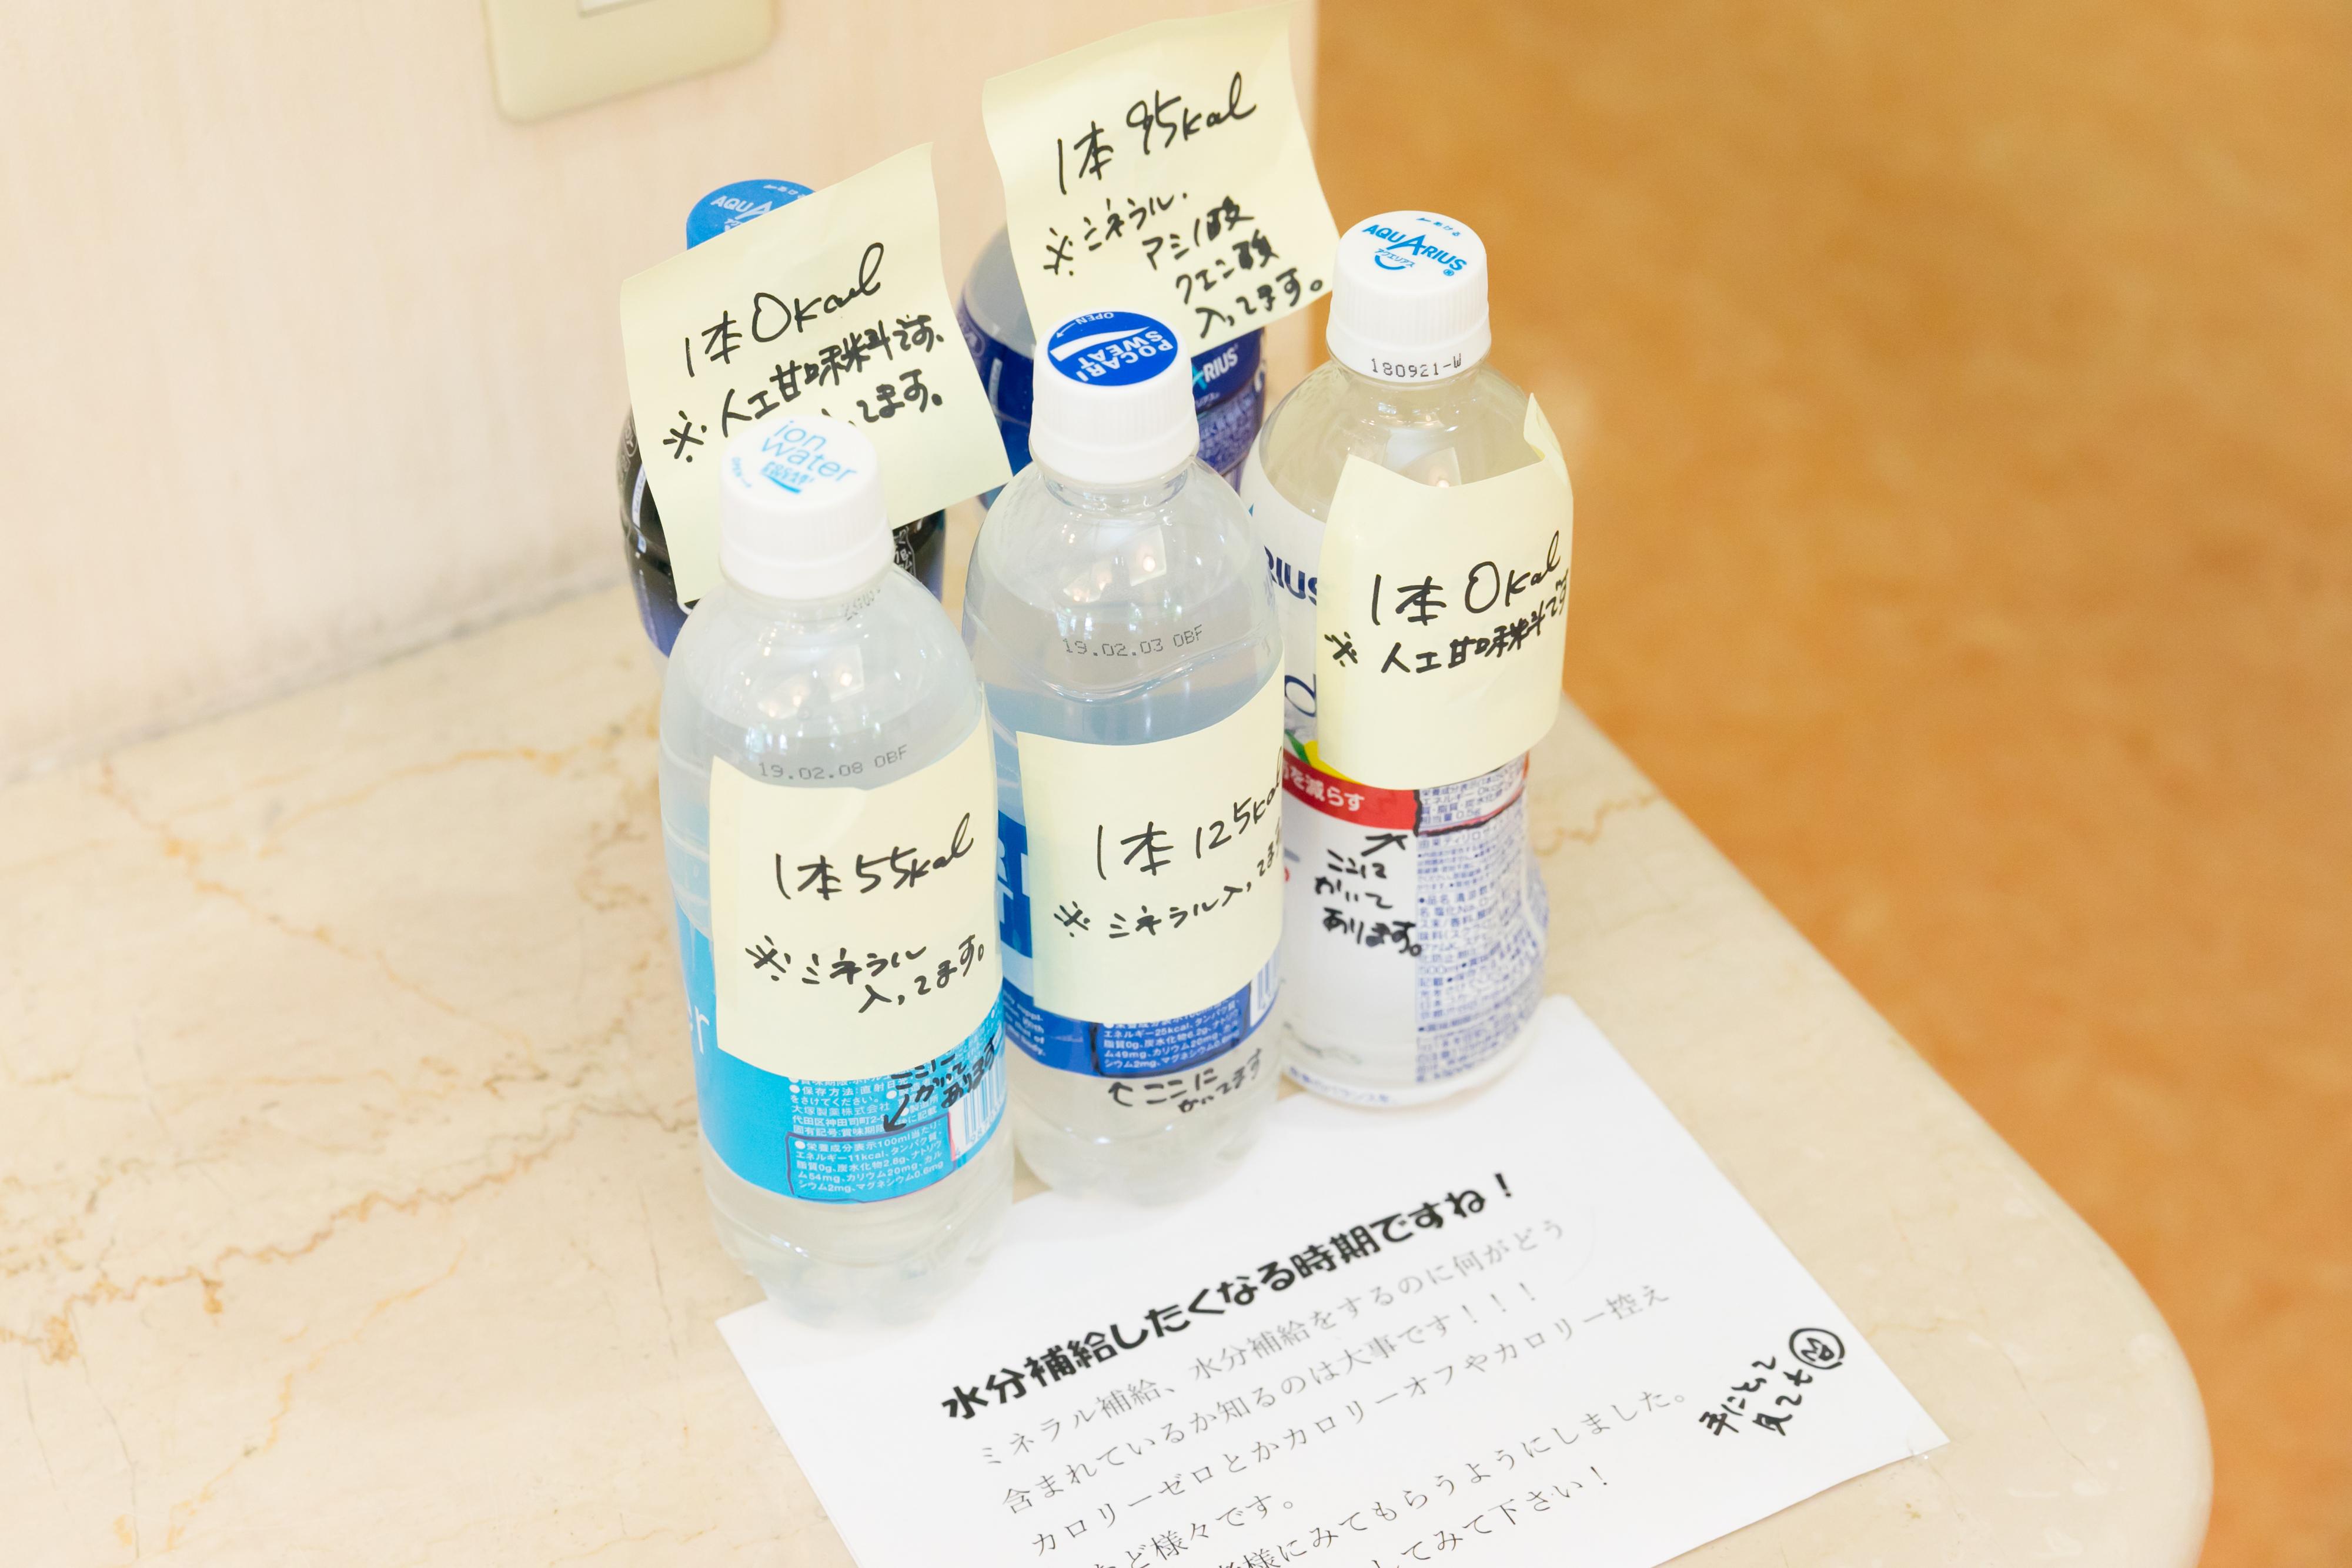 合併症を起こさないために生活習慣の改善が糖尿病治療の第一歩